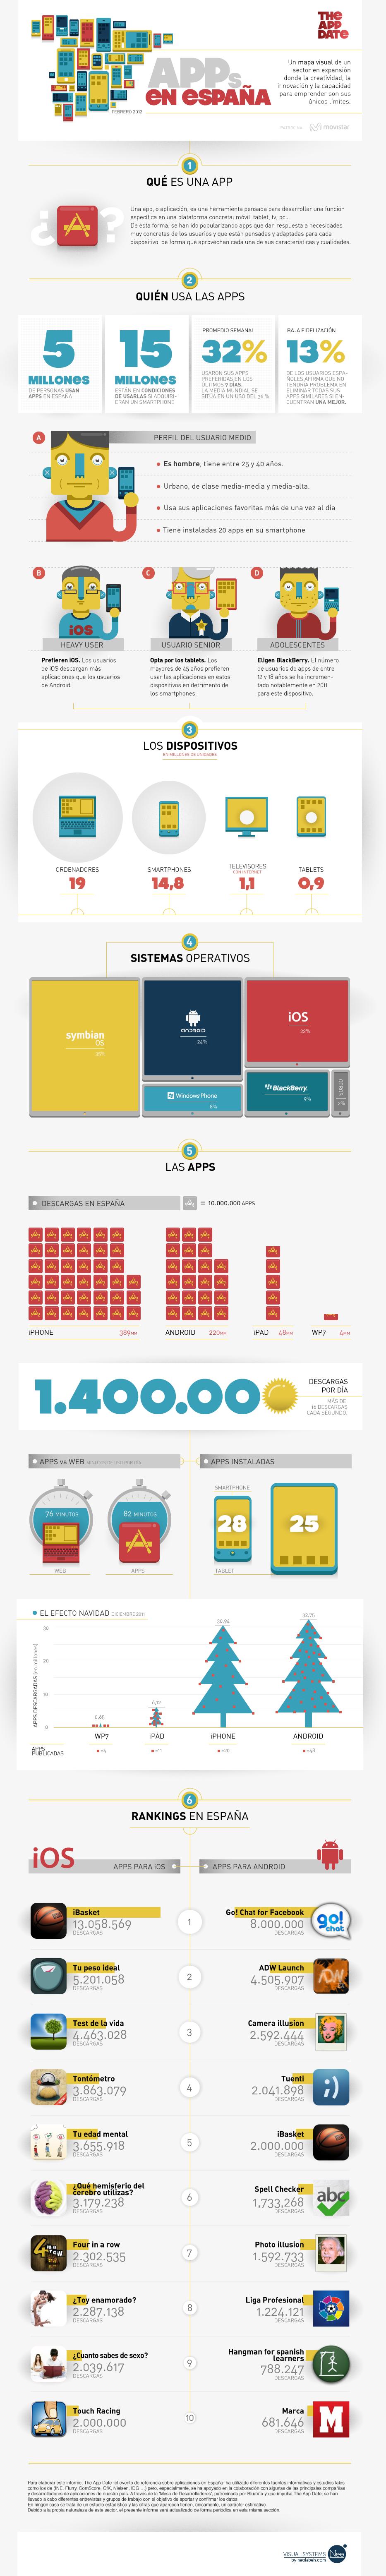 Uso de las apps en España